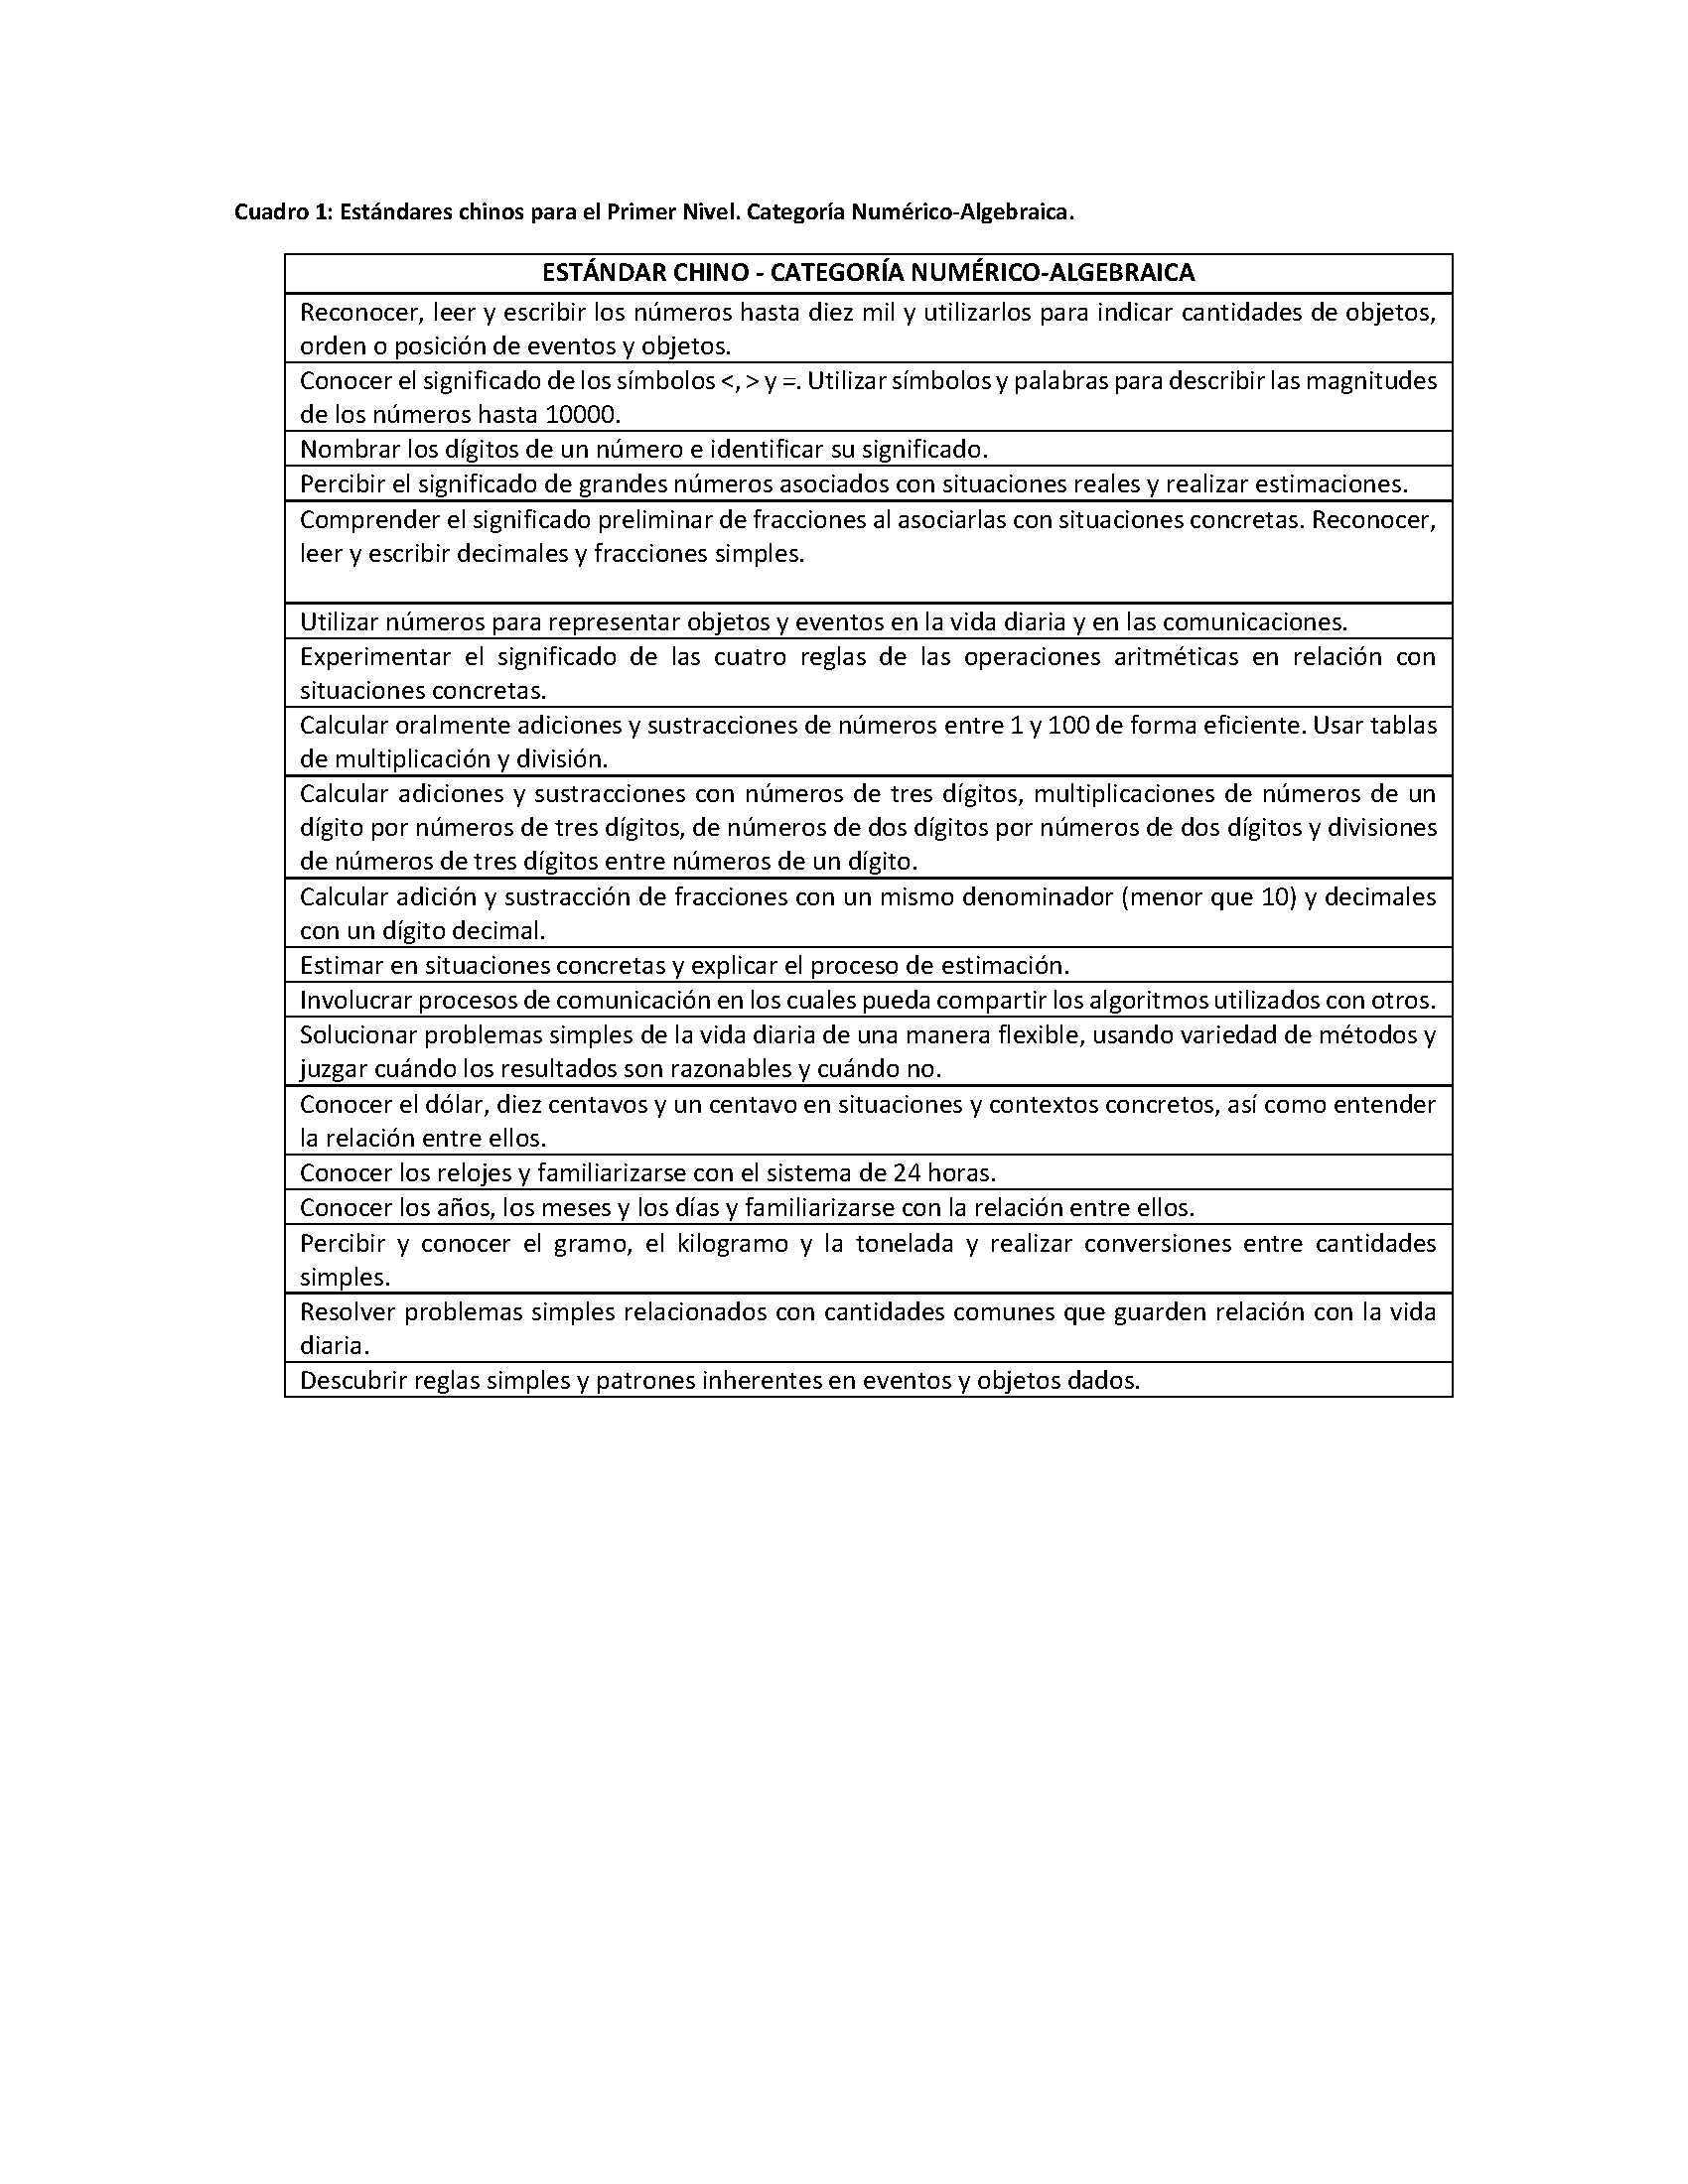 Un estudio descriptivo de los estándares educativos chinos en ...